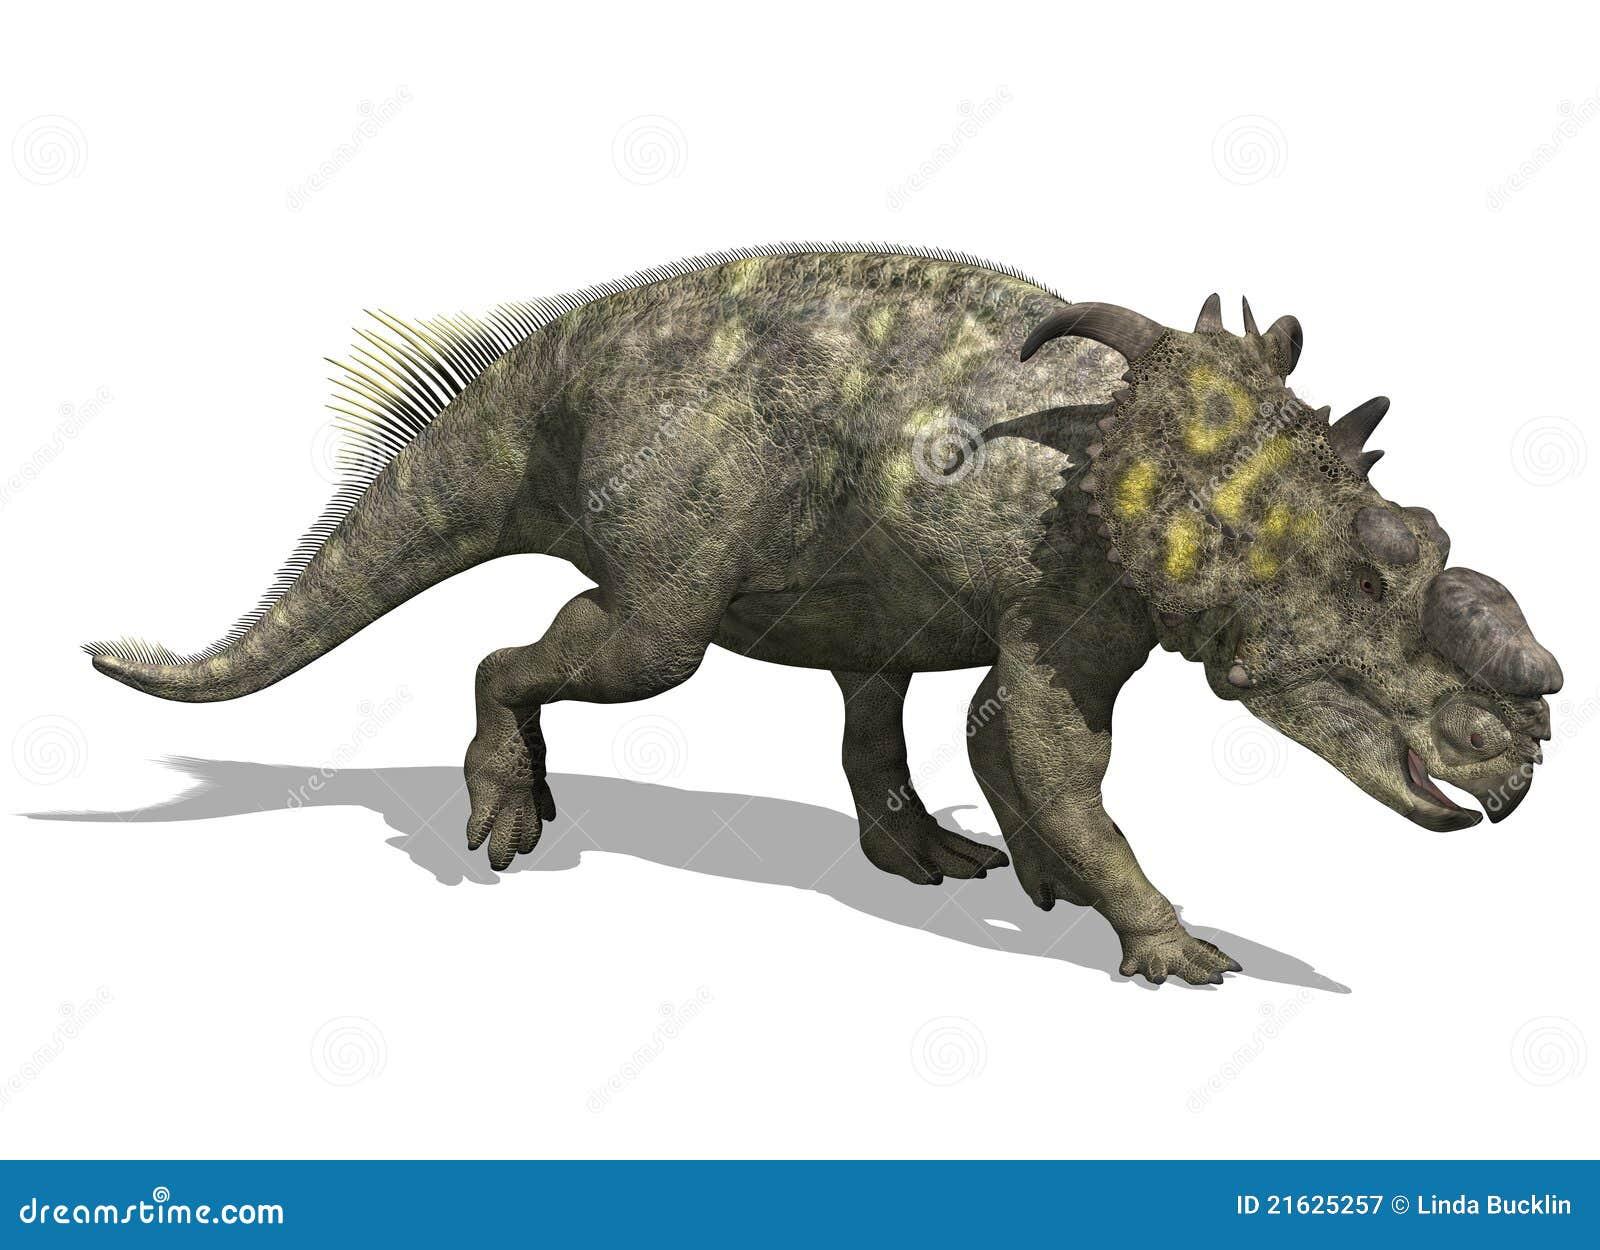 Dinosaur de Pachyrhinosaurus